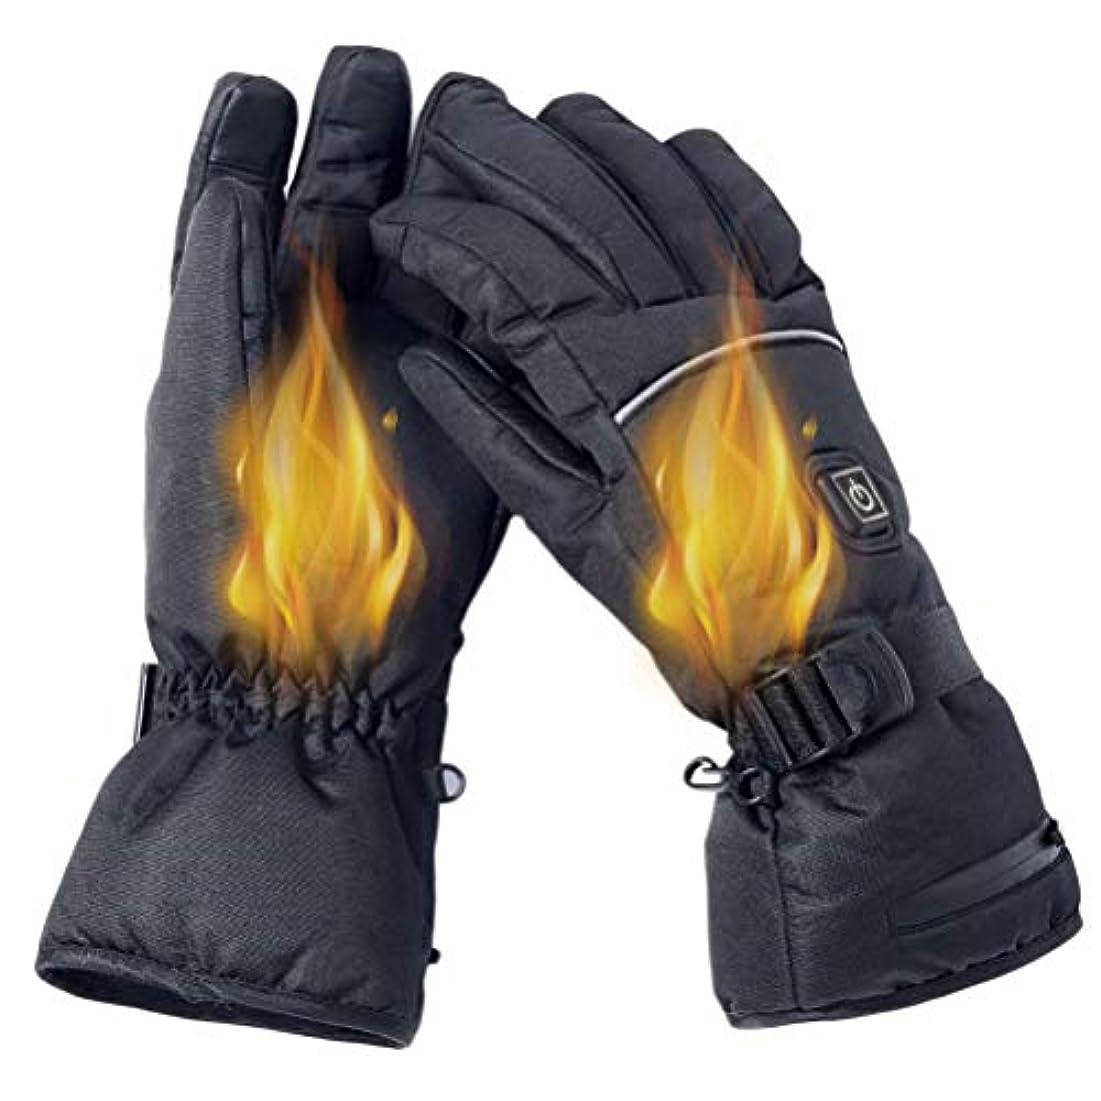 容量慣習失態TAIPPAN 電気加熱手袋冬暖かい手袋3レベル温度調節可能な手袋防寒 スポーツグローブ